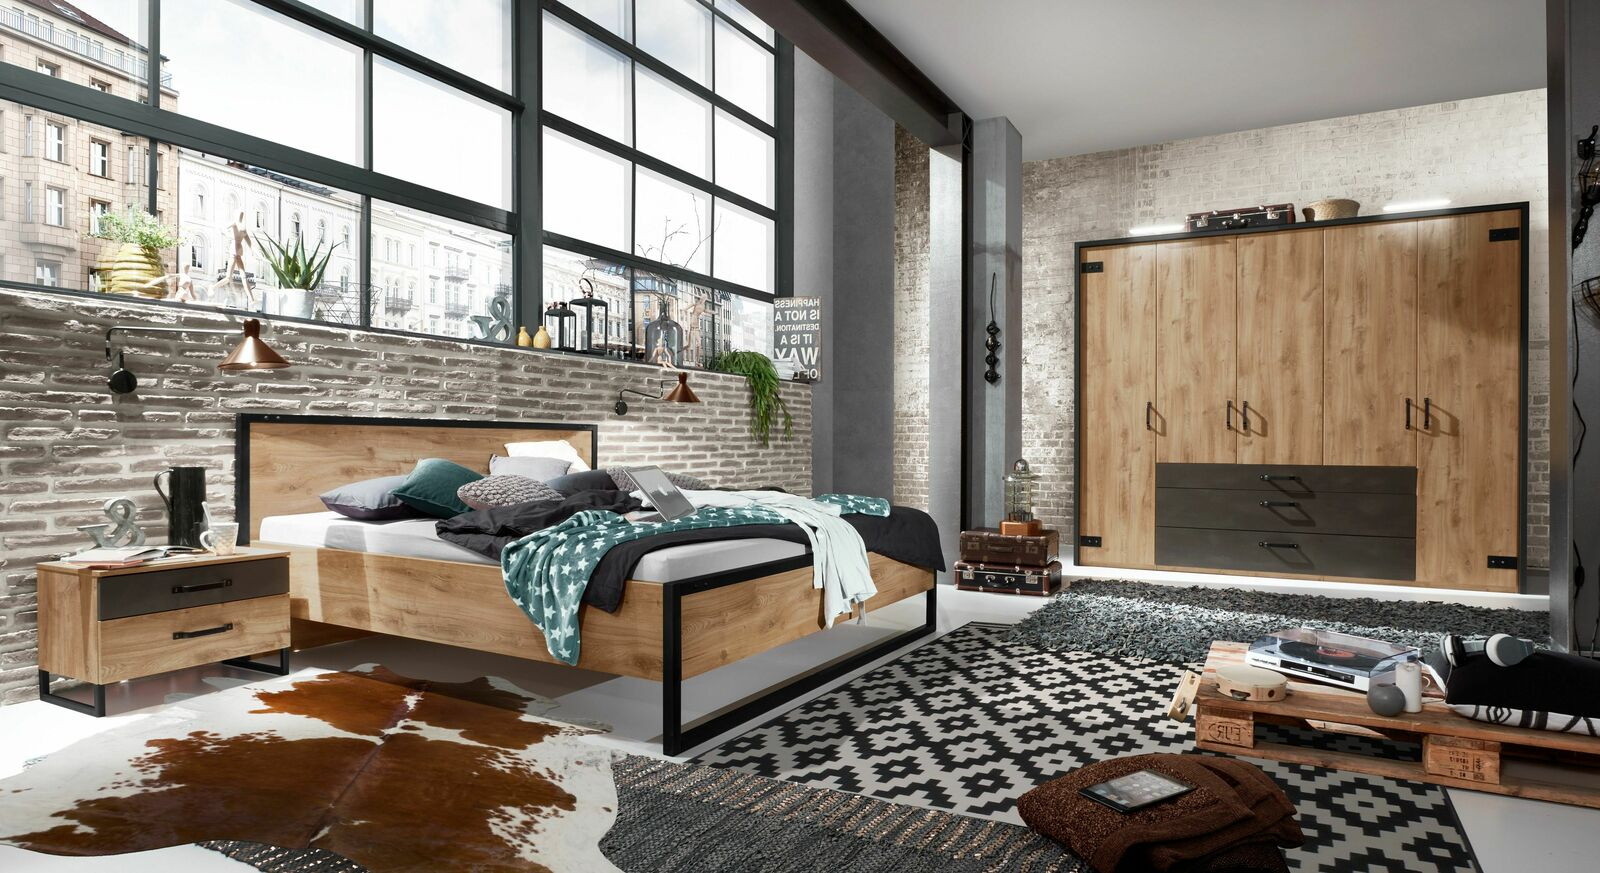 Komplett-Schlafzimmer Lakewood im Industrial-Design